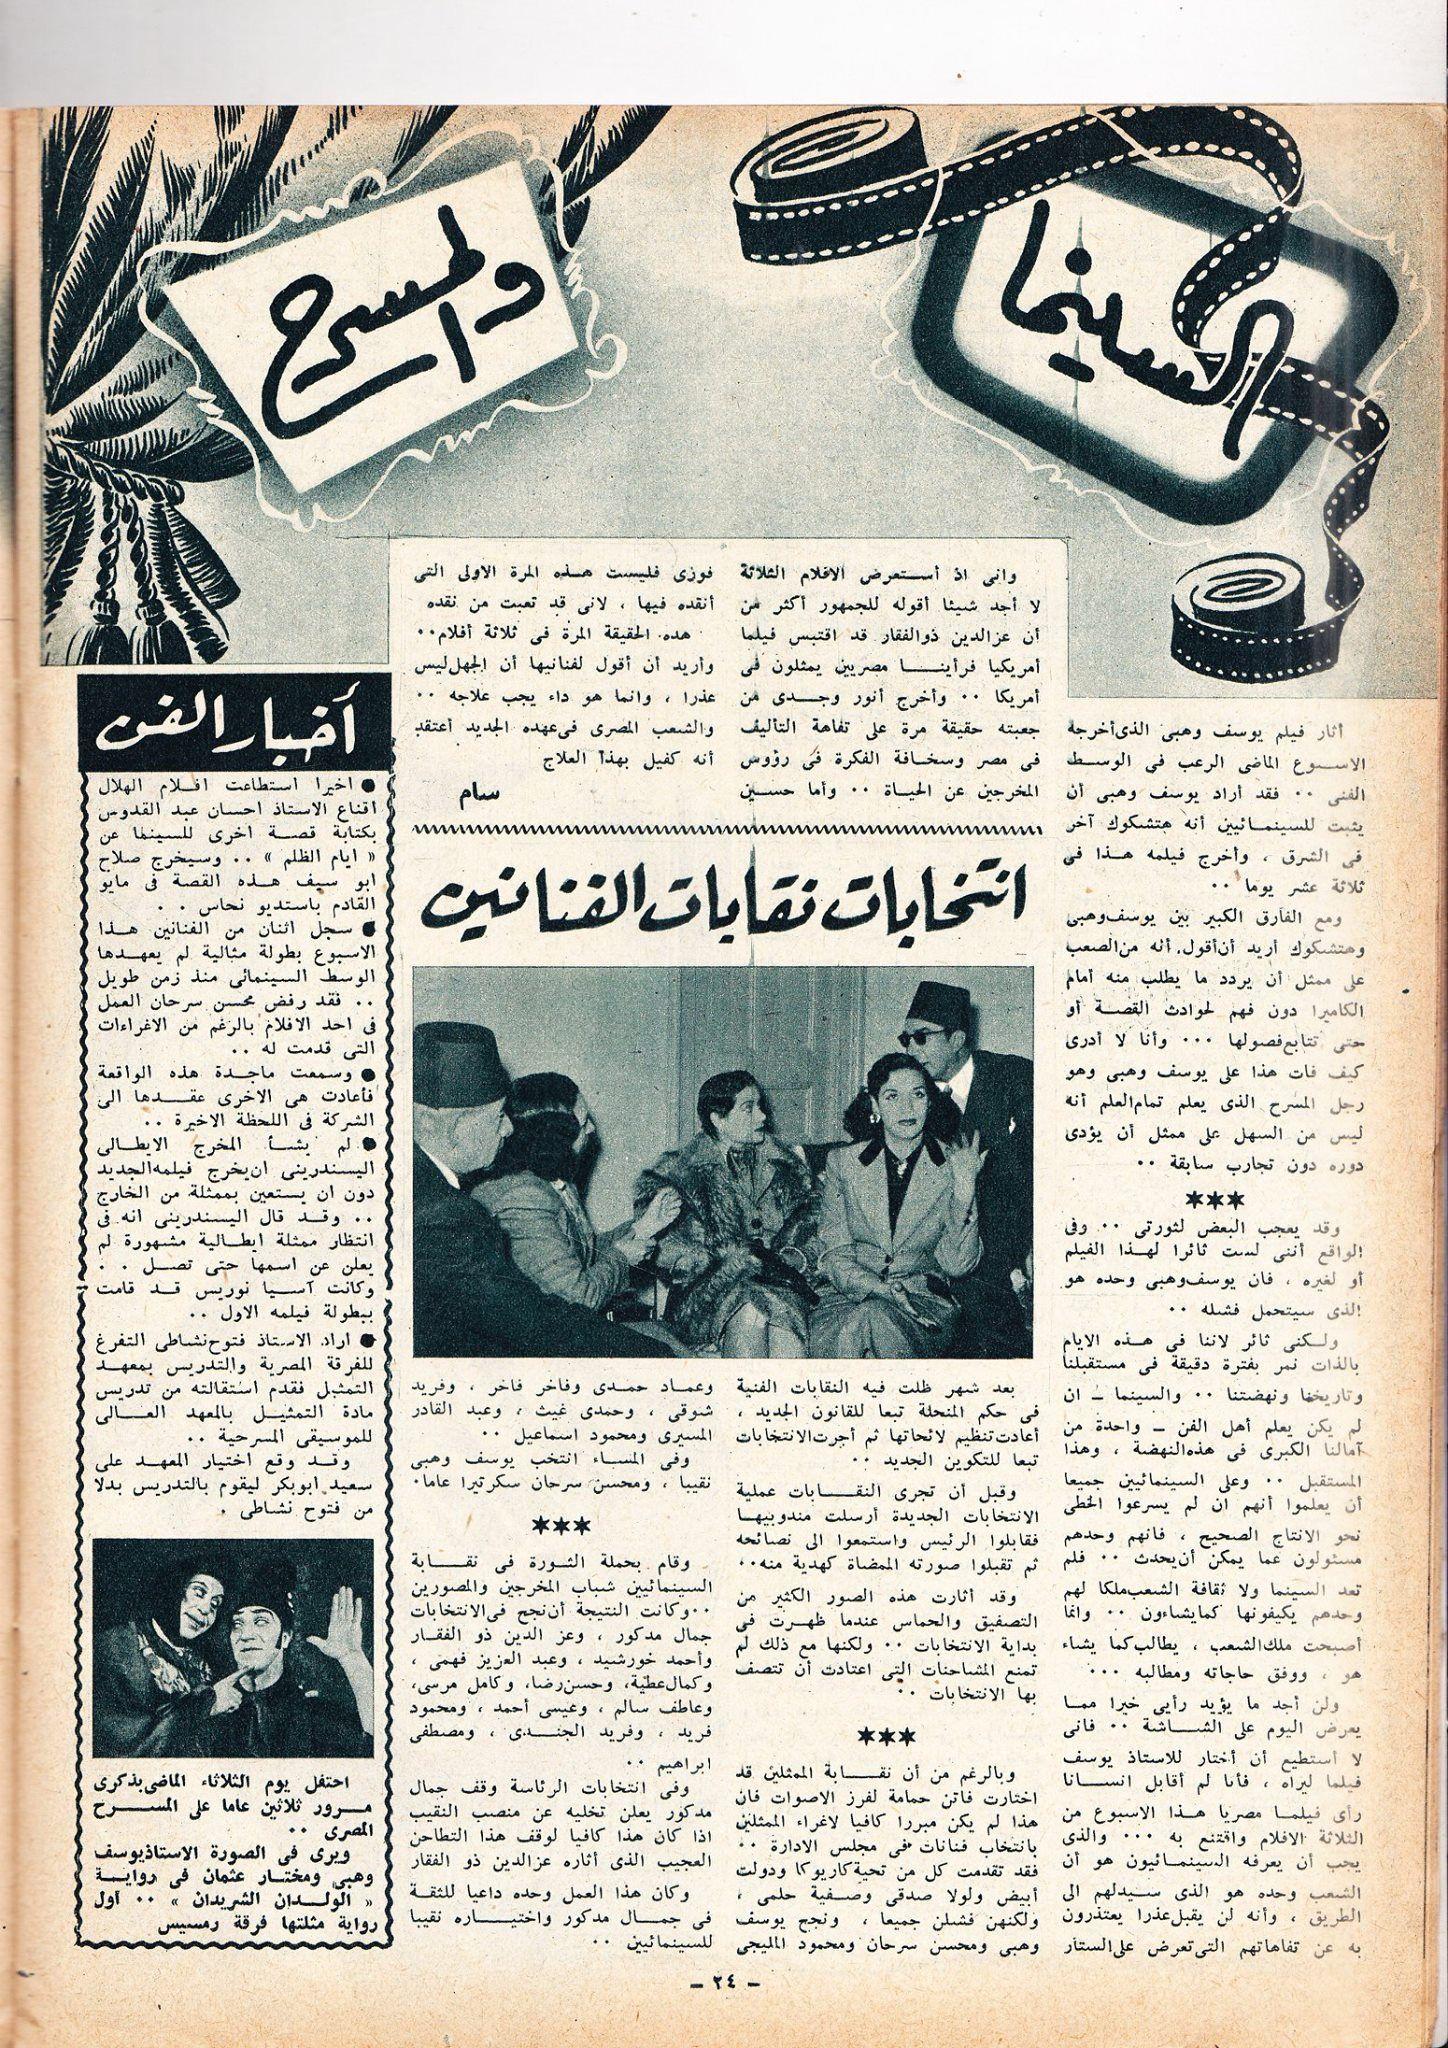 مجلة الاذاعة المصرية Egypt